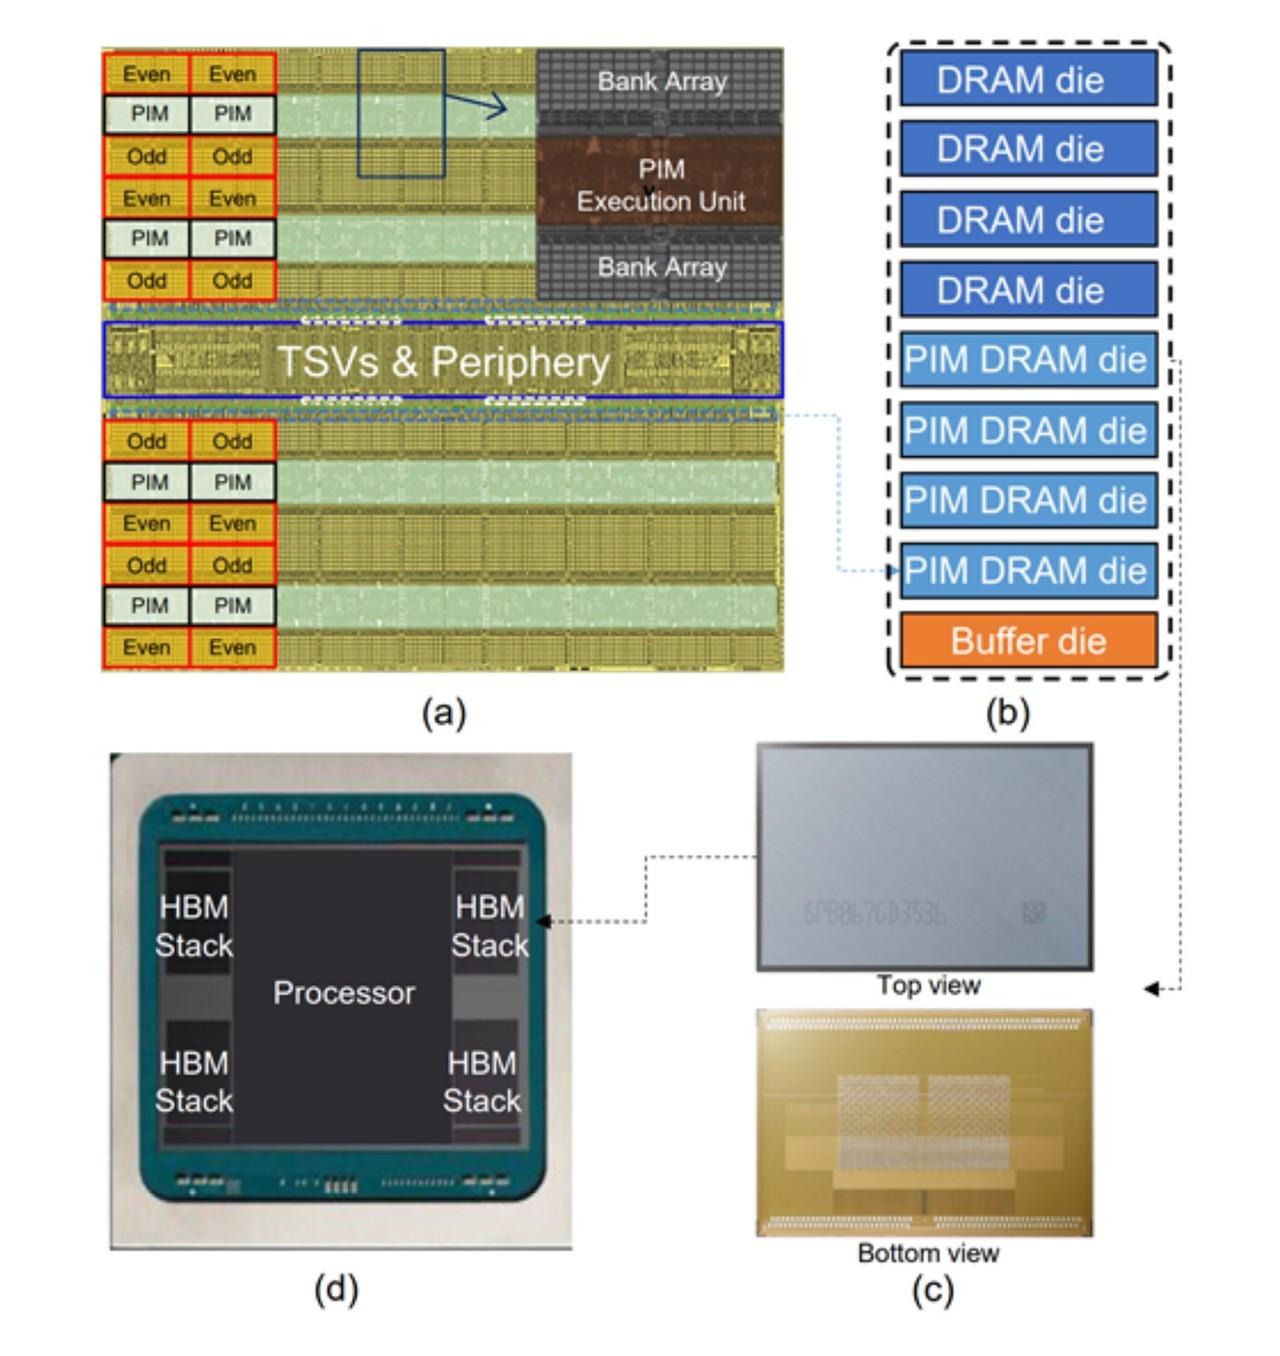 삼성전자가 개발한 HBM-PIM의 구조